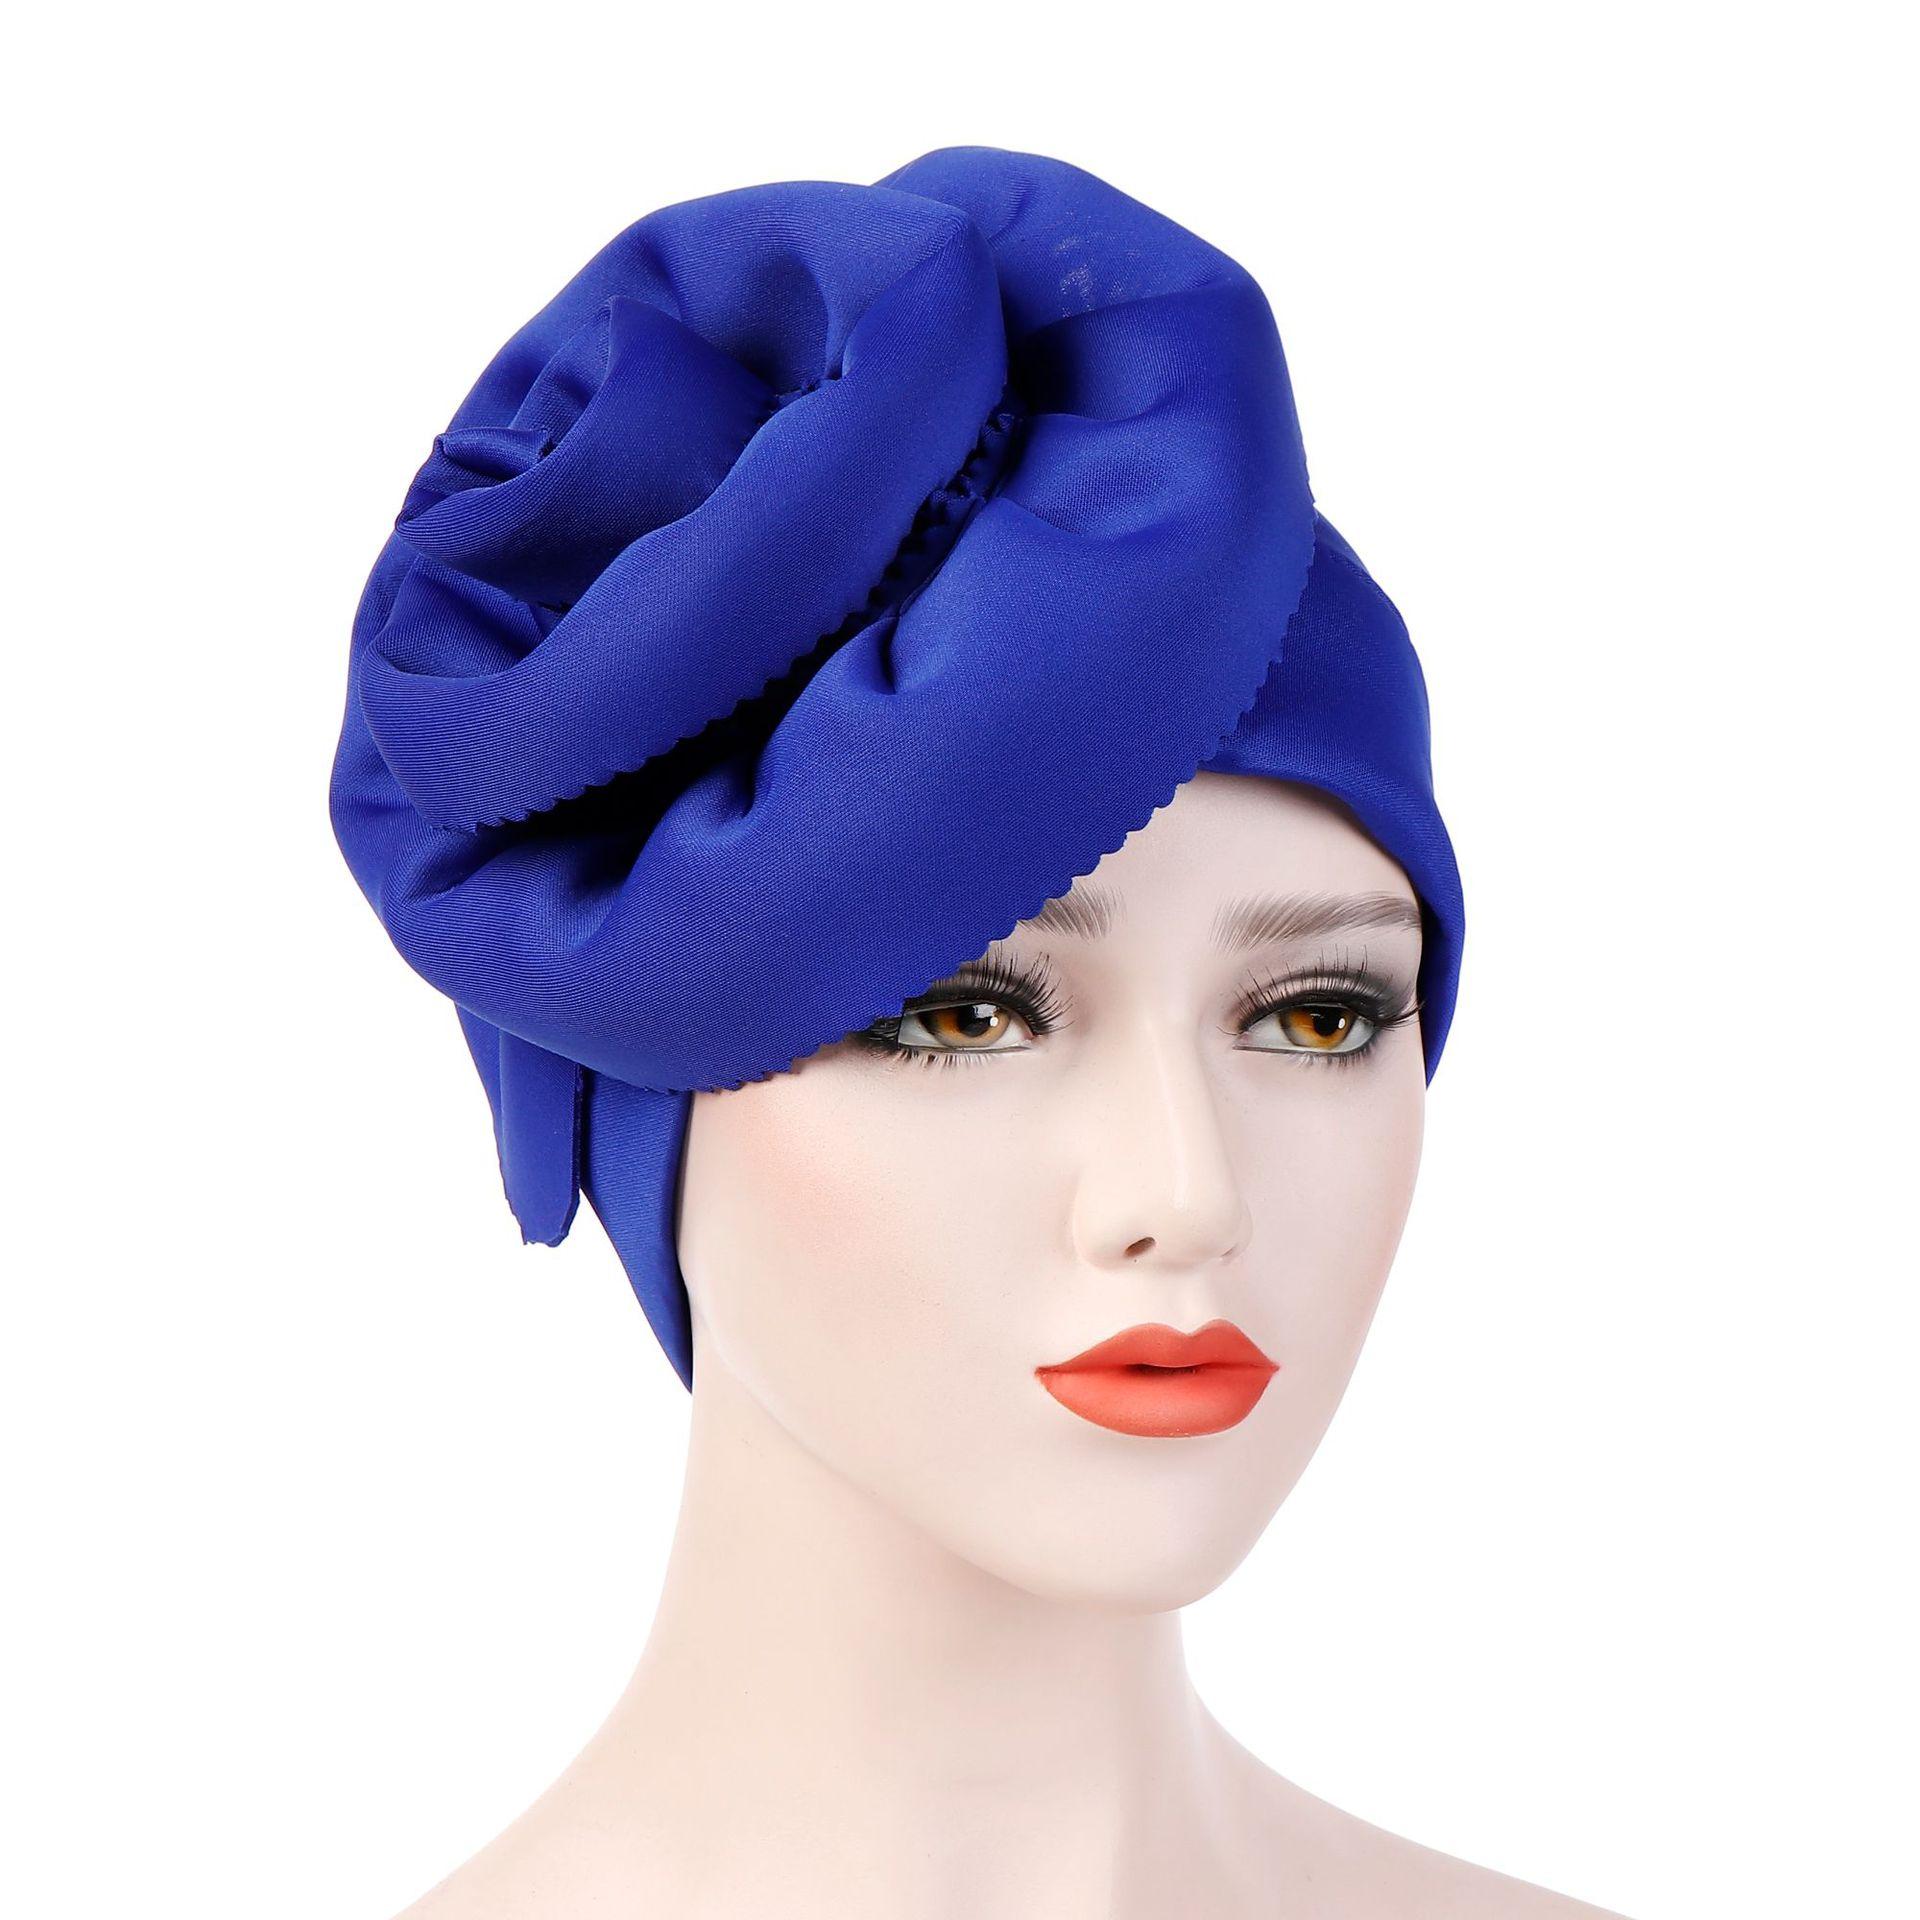 Шляпа Helisopus для женщин, большой тюрбан с цветком, элегантные вечерние шапки, накидка на голову, кепка для лечения раком, шапочка при химиотер...